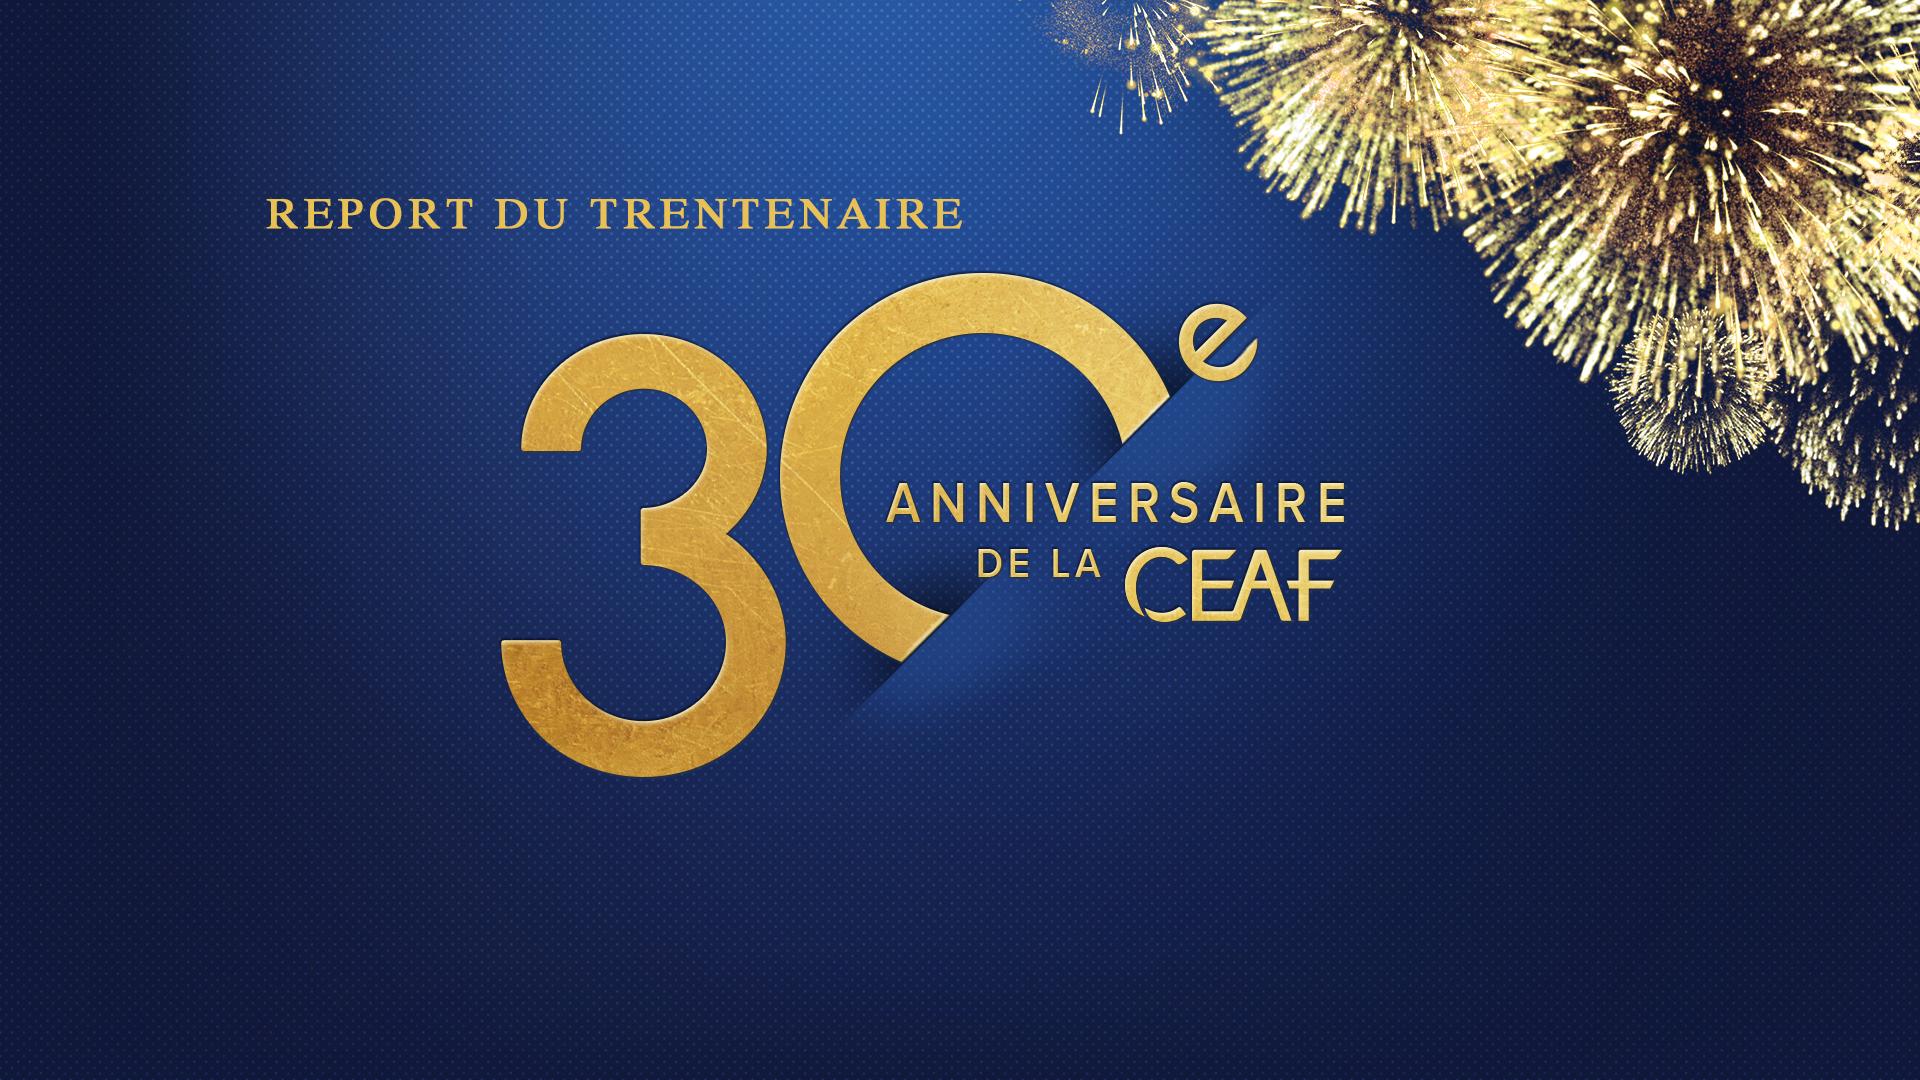 LA CEAF REPORTE SON 30ÈME ANNIVERSAIRE